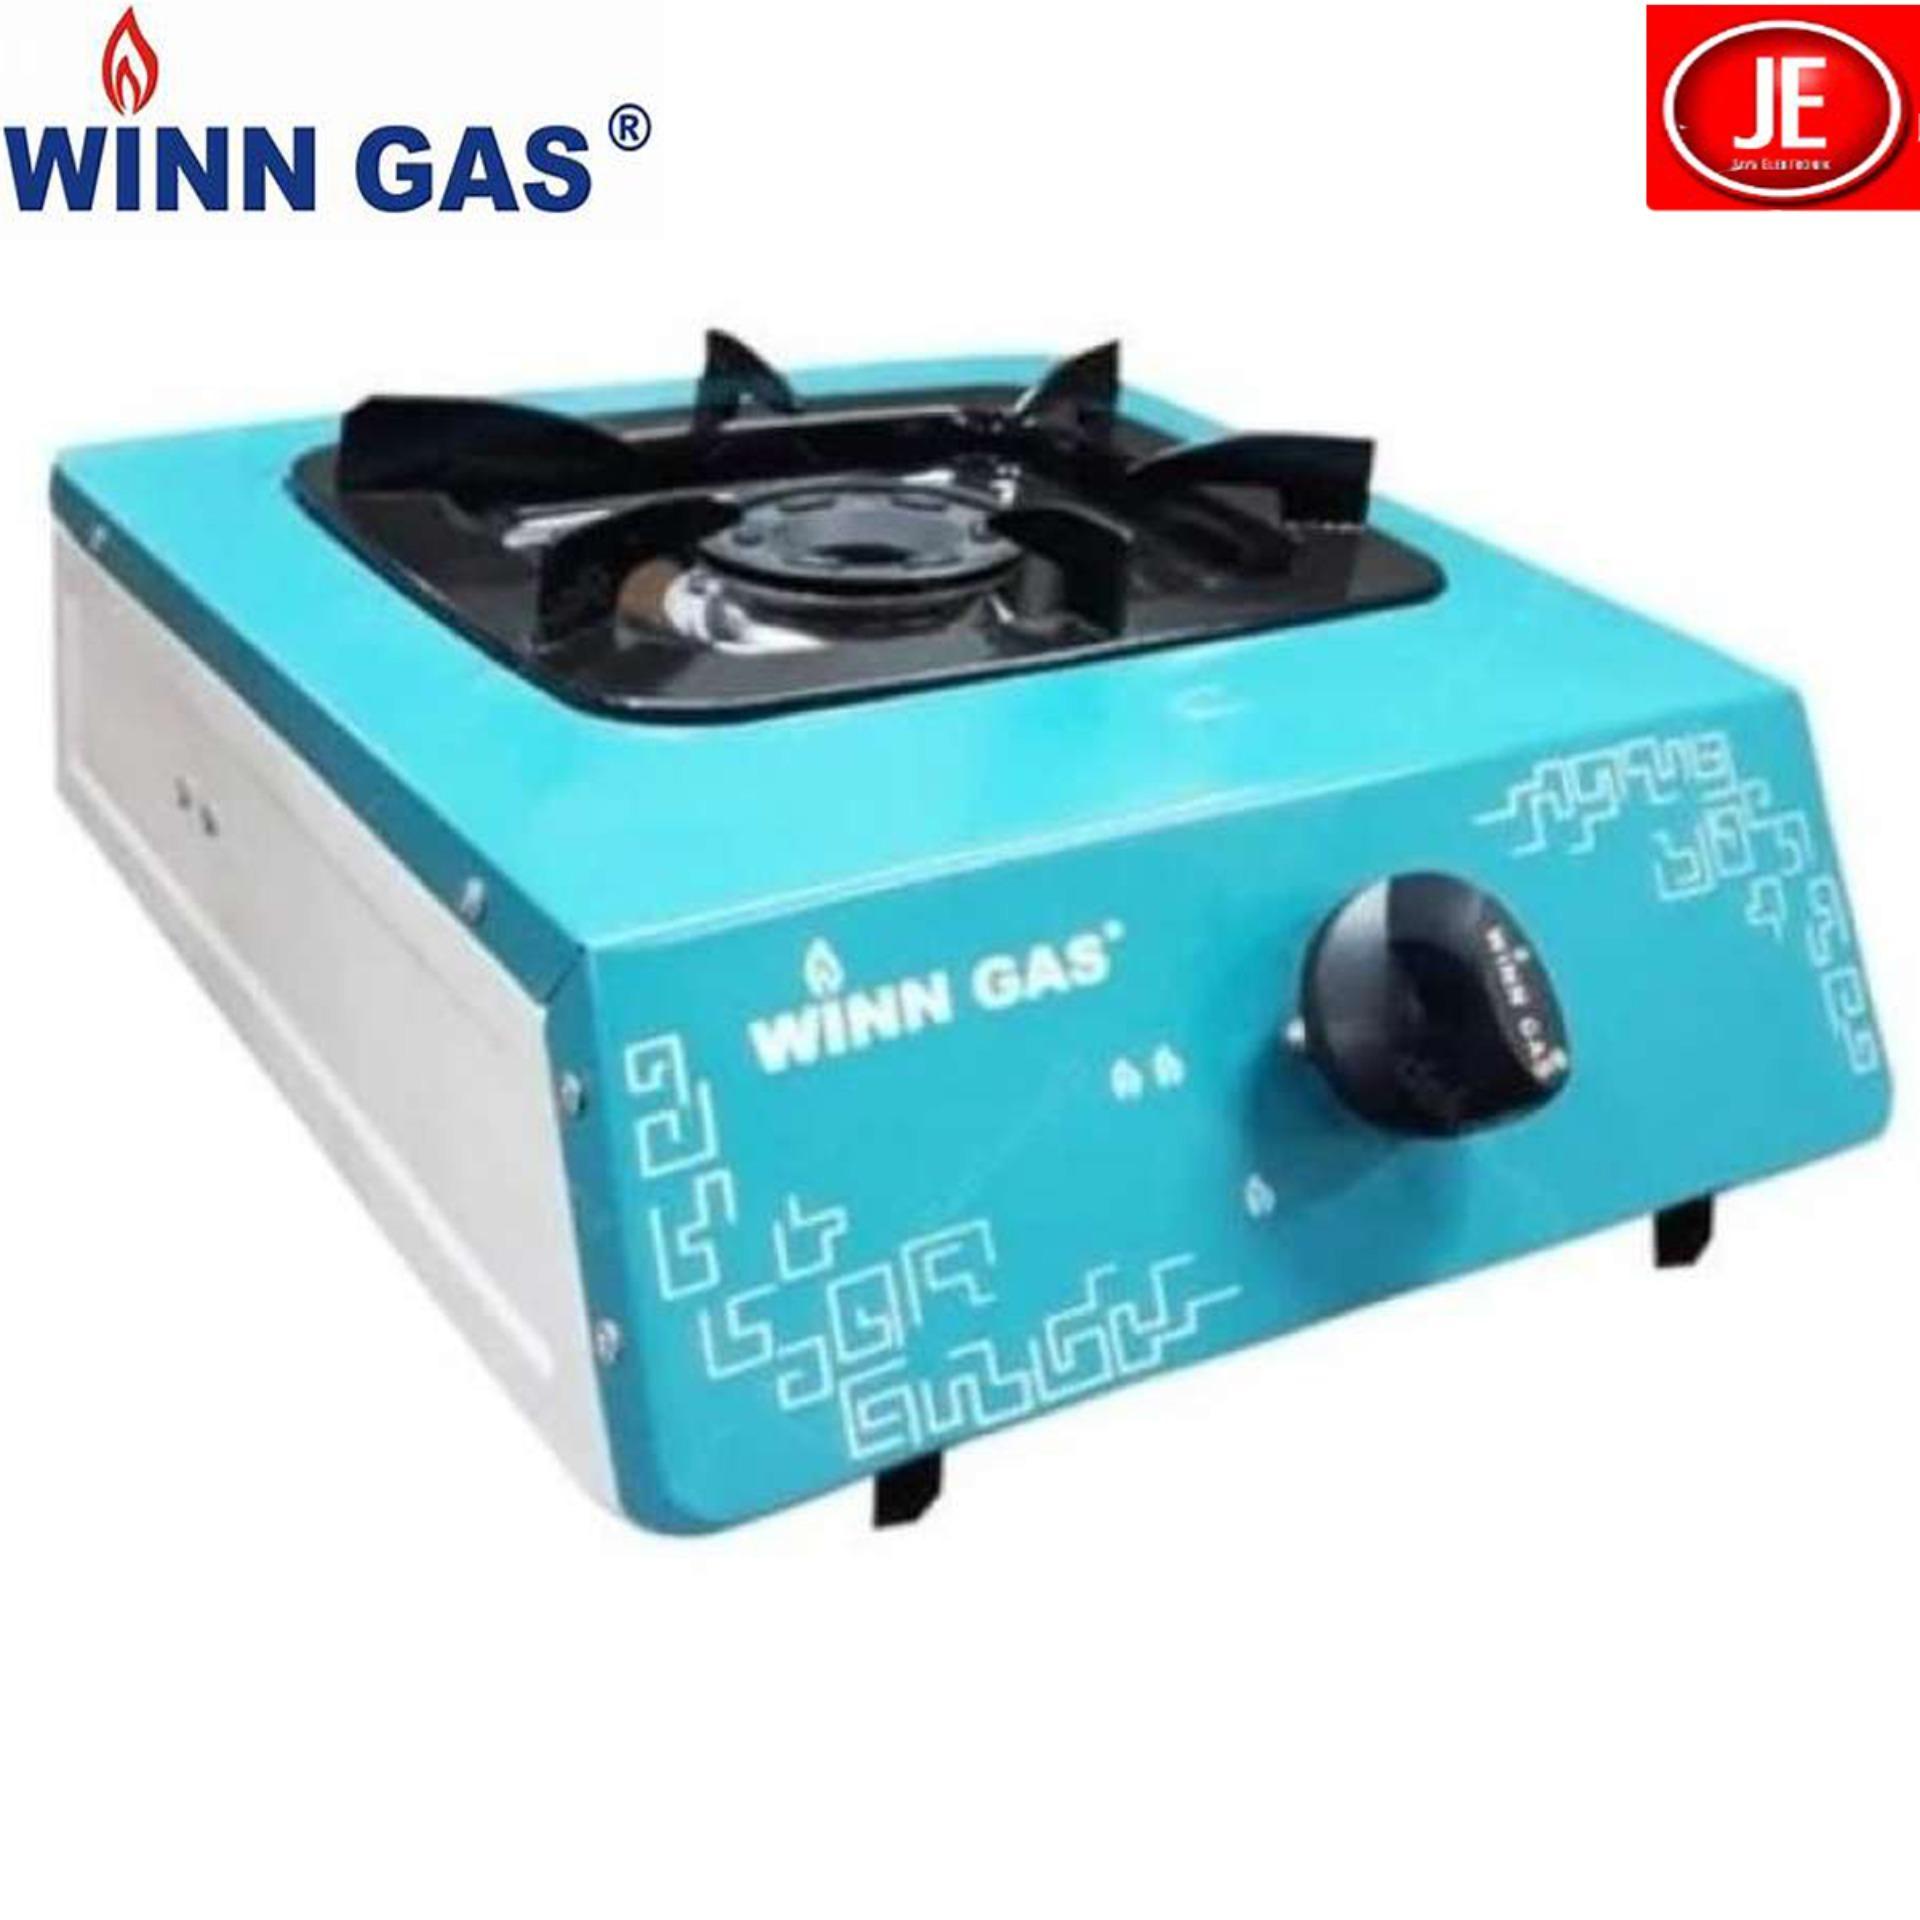 WINN GAS Kompor Gas Stainless 1 Tungku W-188 garansi resmi